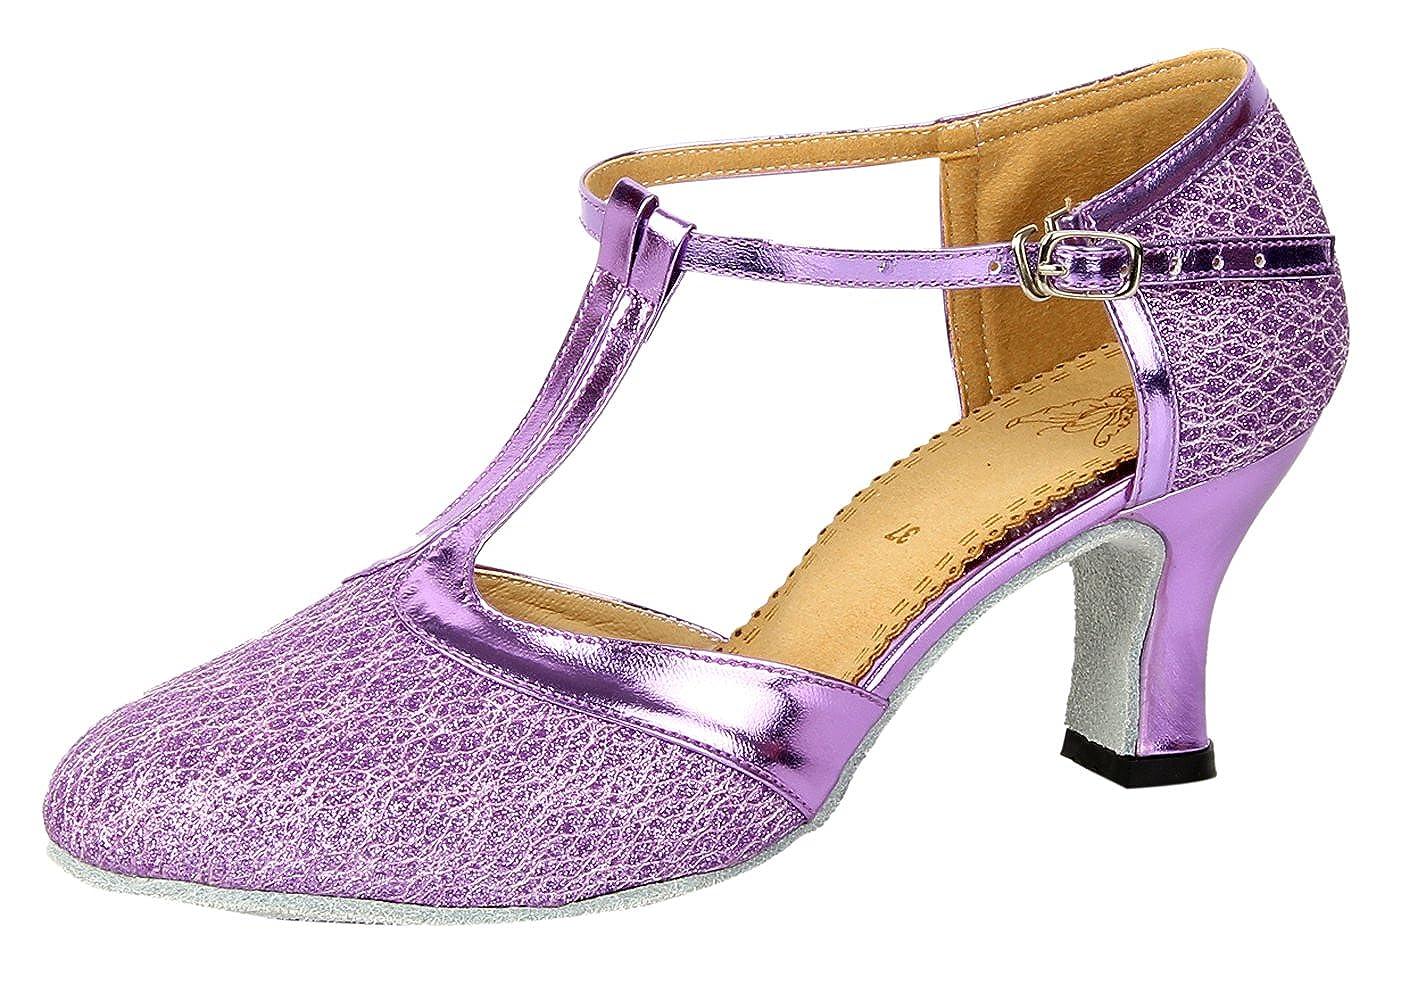 Honeystore Femme Chaussures de Danse Bout Ferm¨¦ Lani¨¨re en T Scintillant